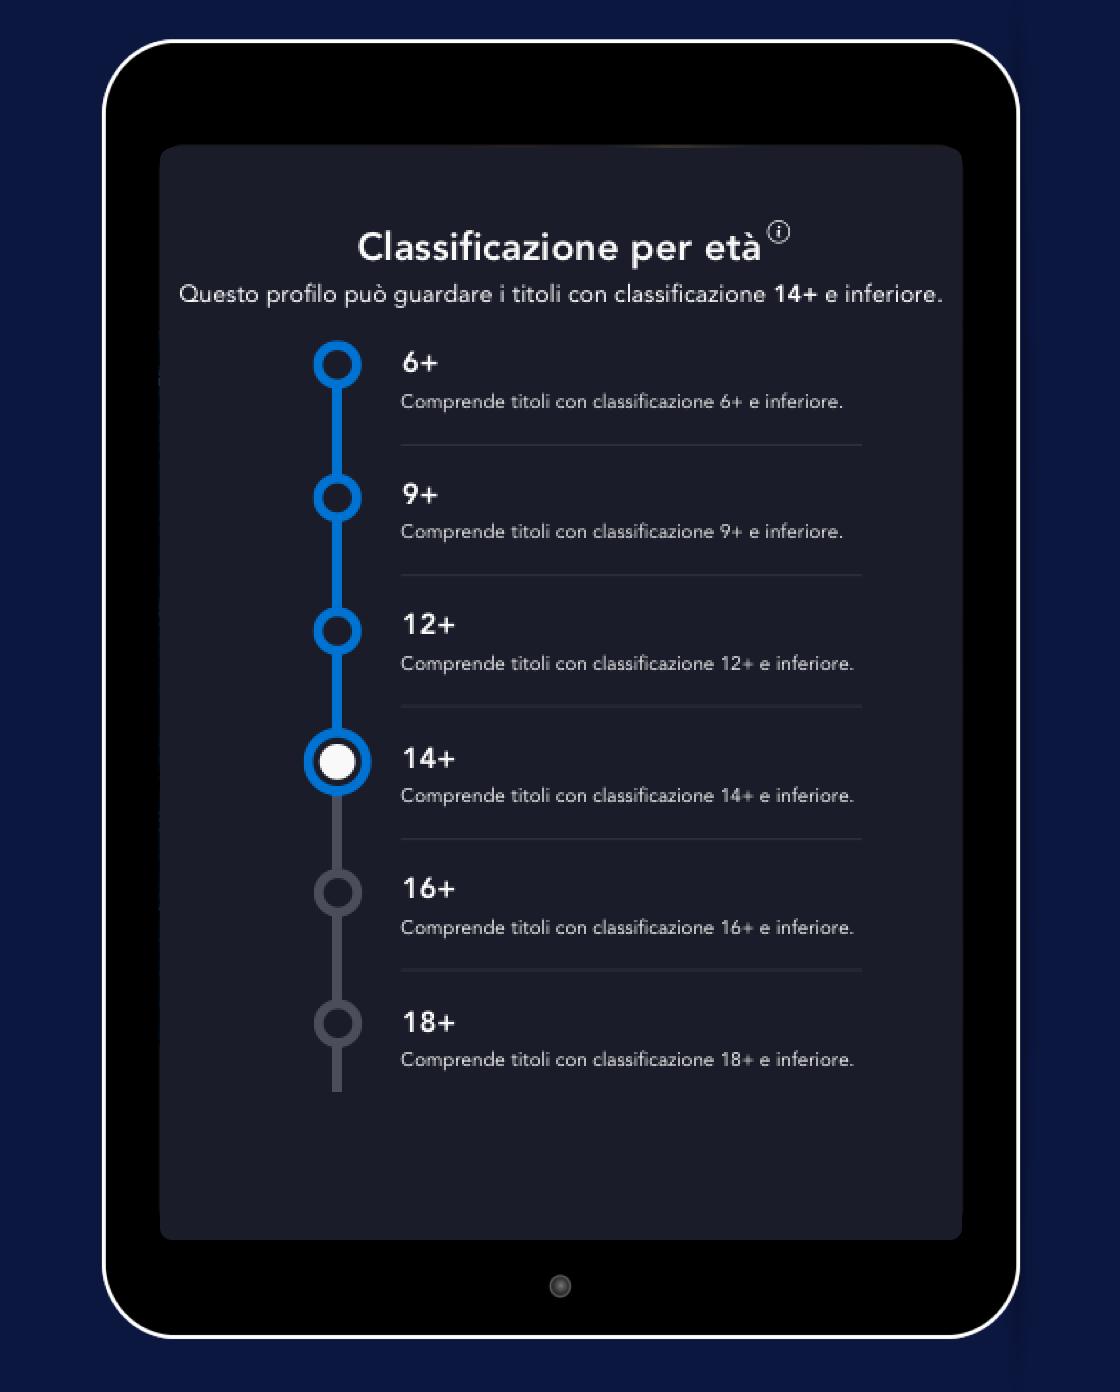 La schermata della classificazione per età di Disney+ nelle impostazioni del profilo